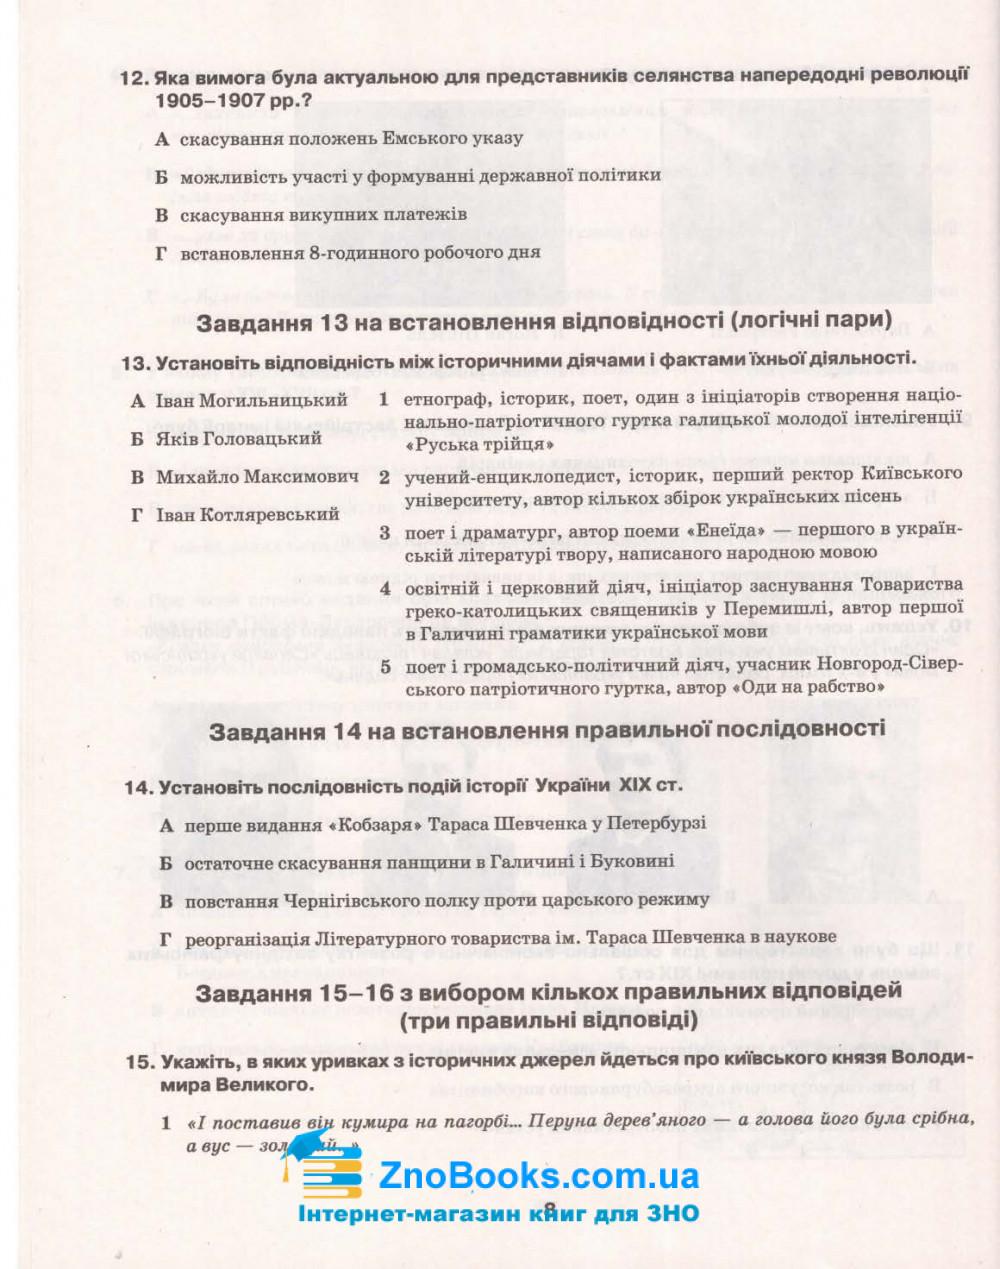 Гук О. ДПА 2021 Історія України 9 клас. Збірник завдань. Освіта купити 6